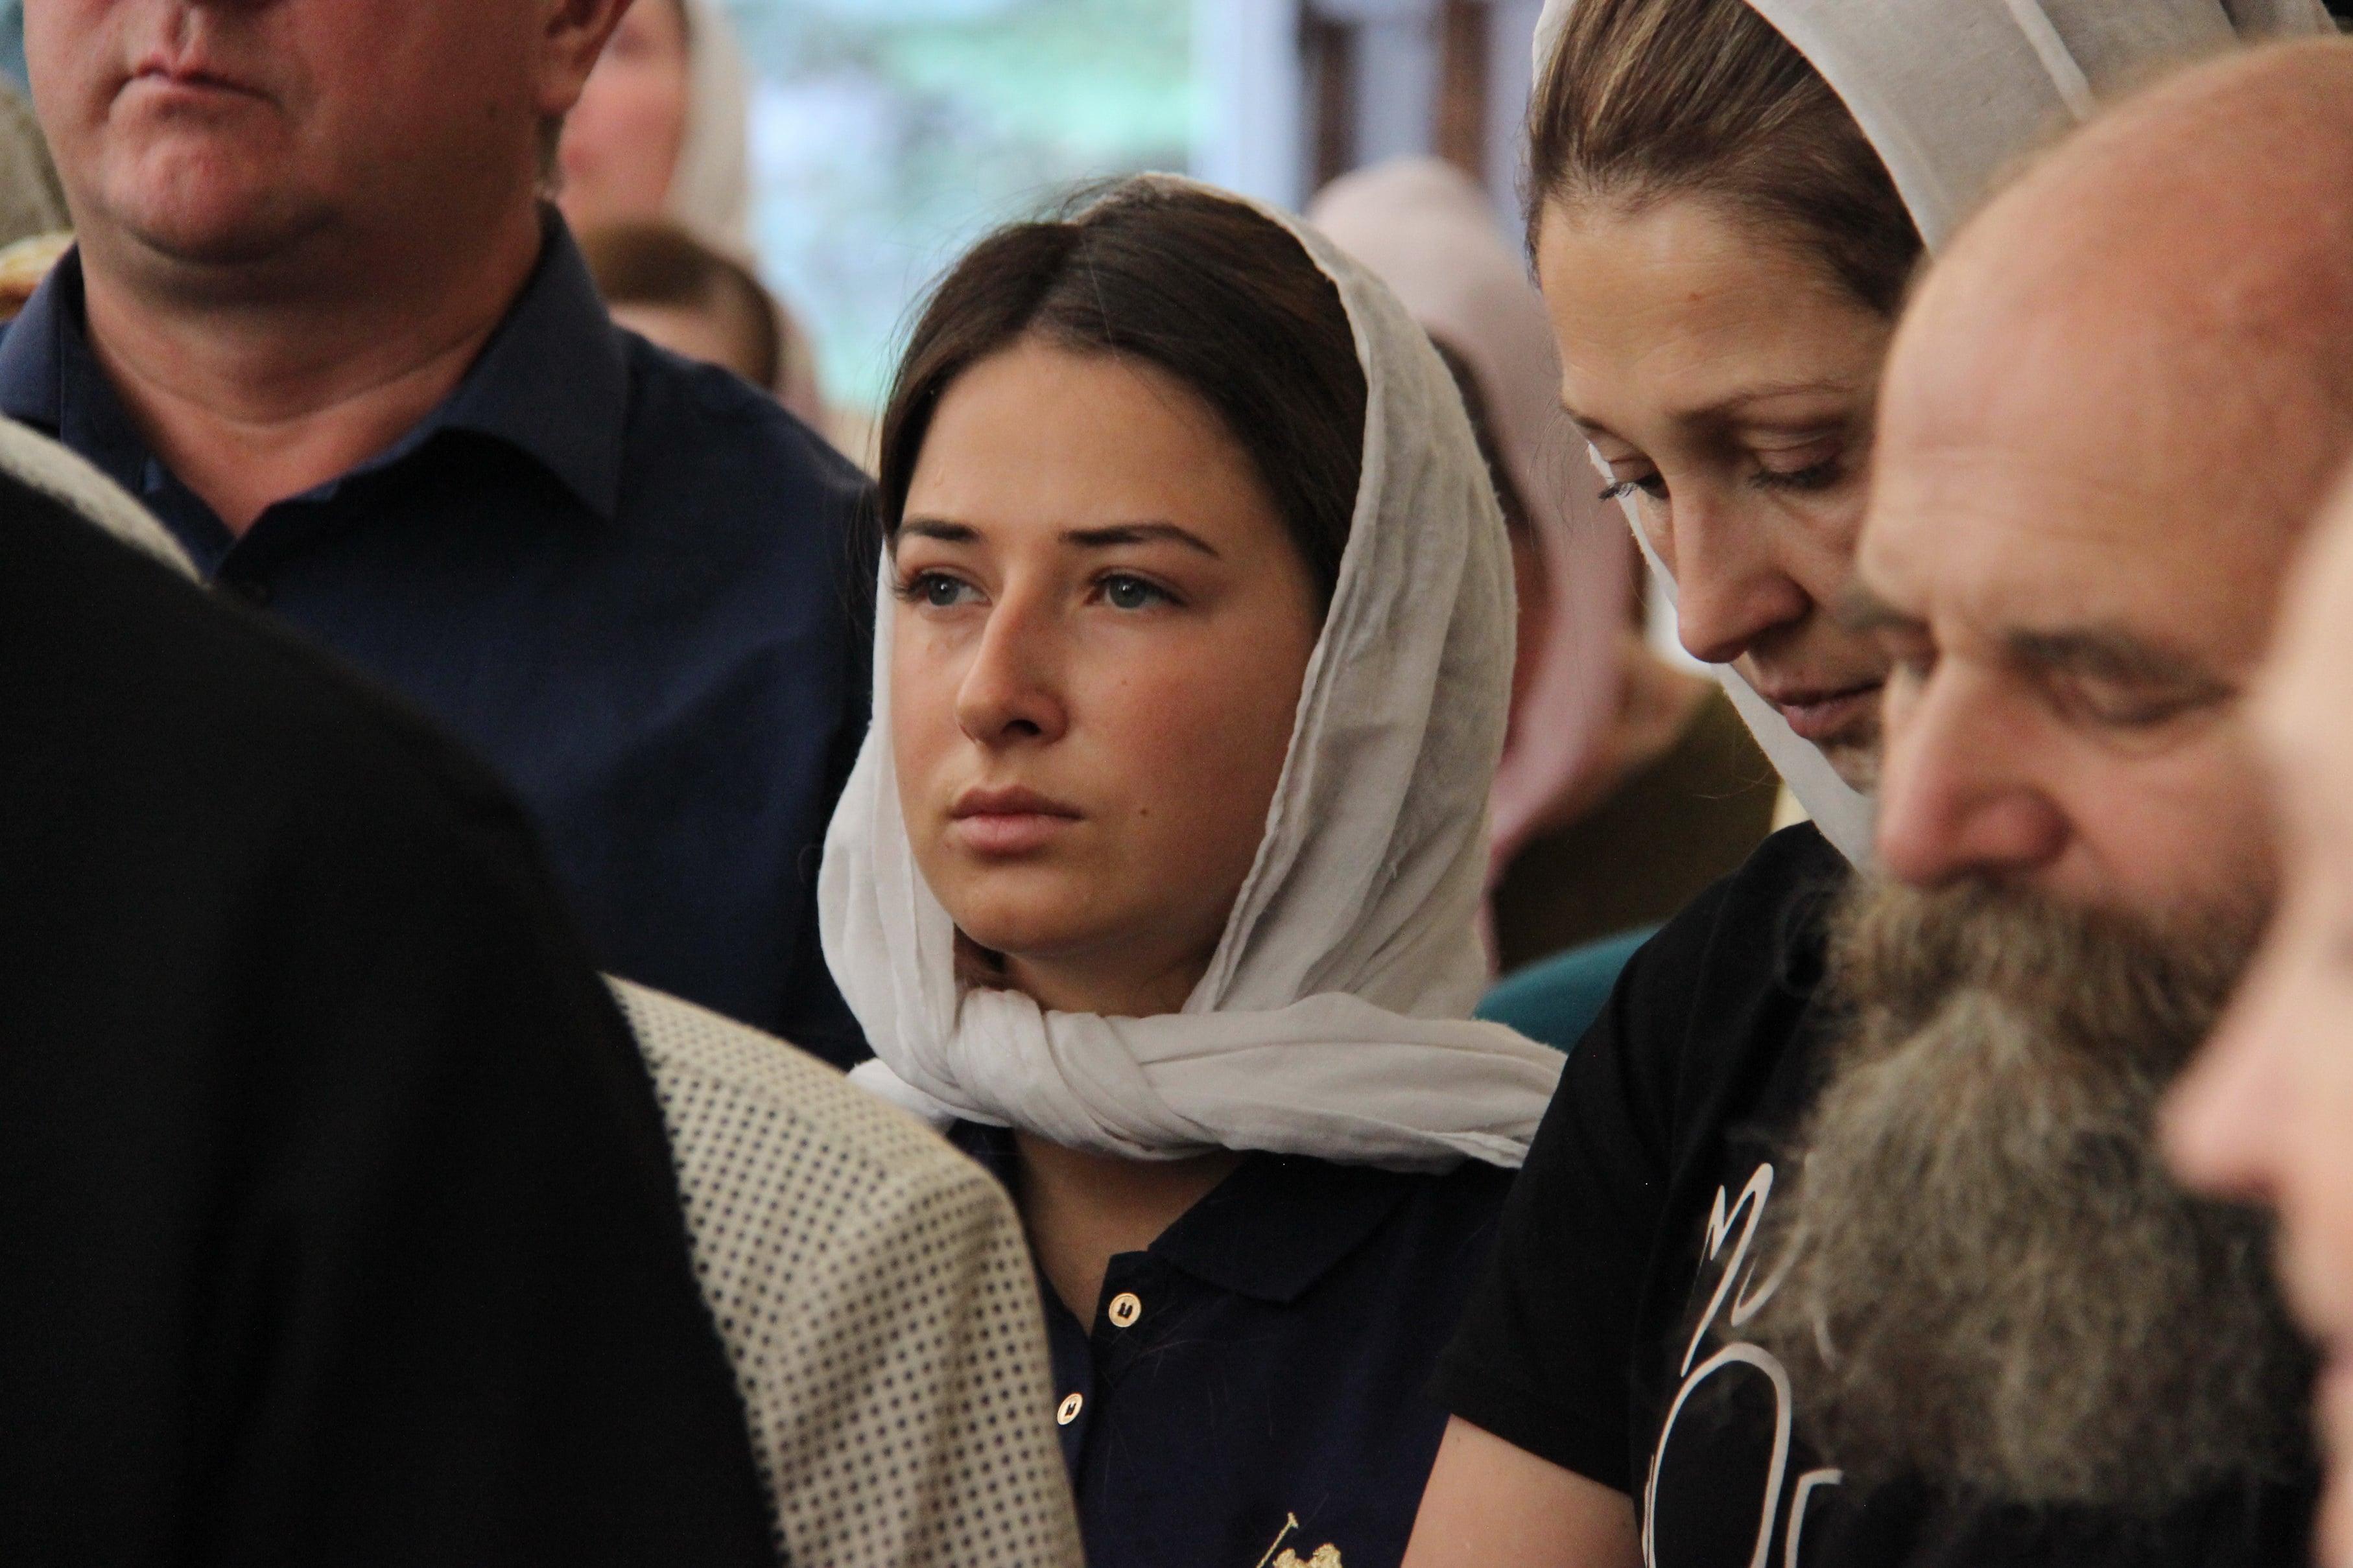 http://monuspen.ru/photoreports/c259458e0a22f162728fd9f19eea5f8q.JPG